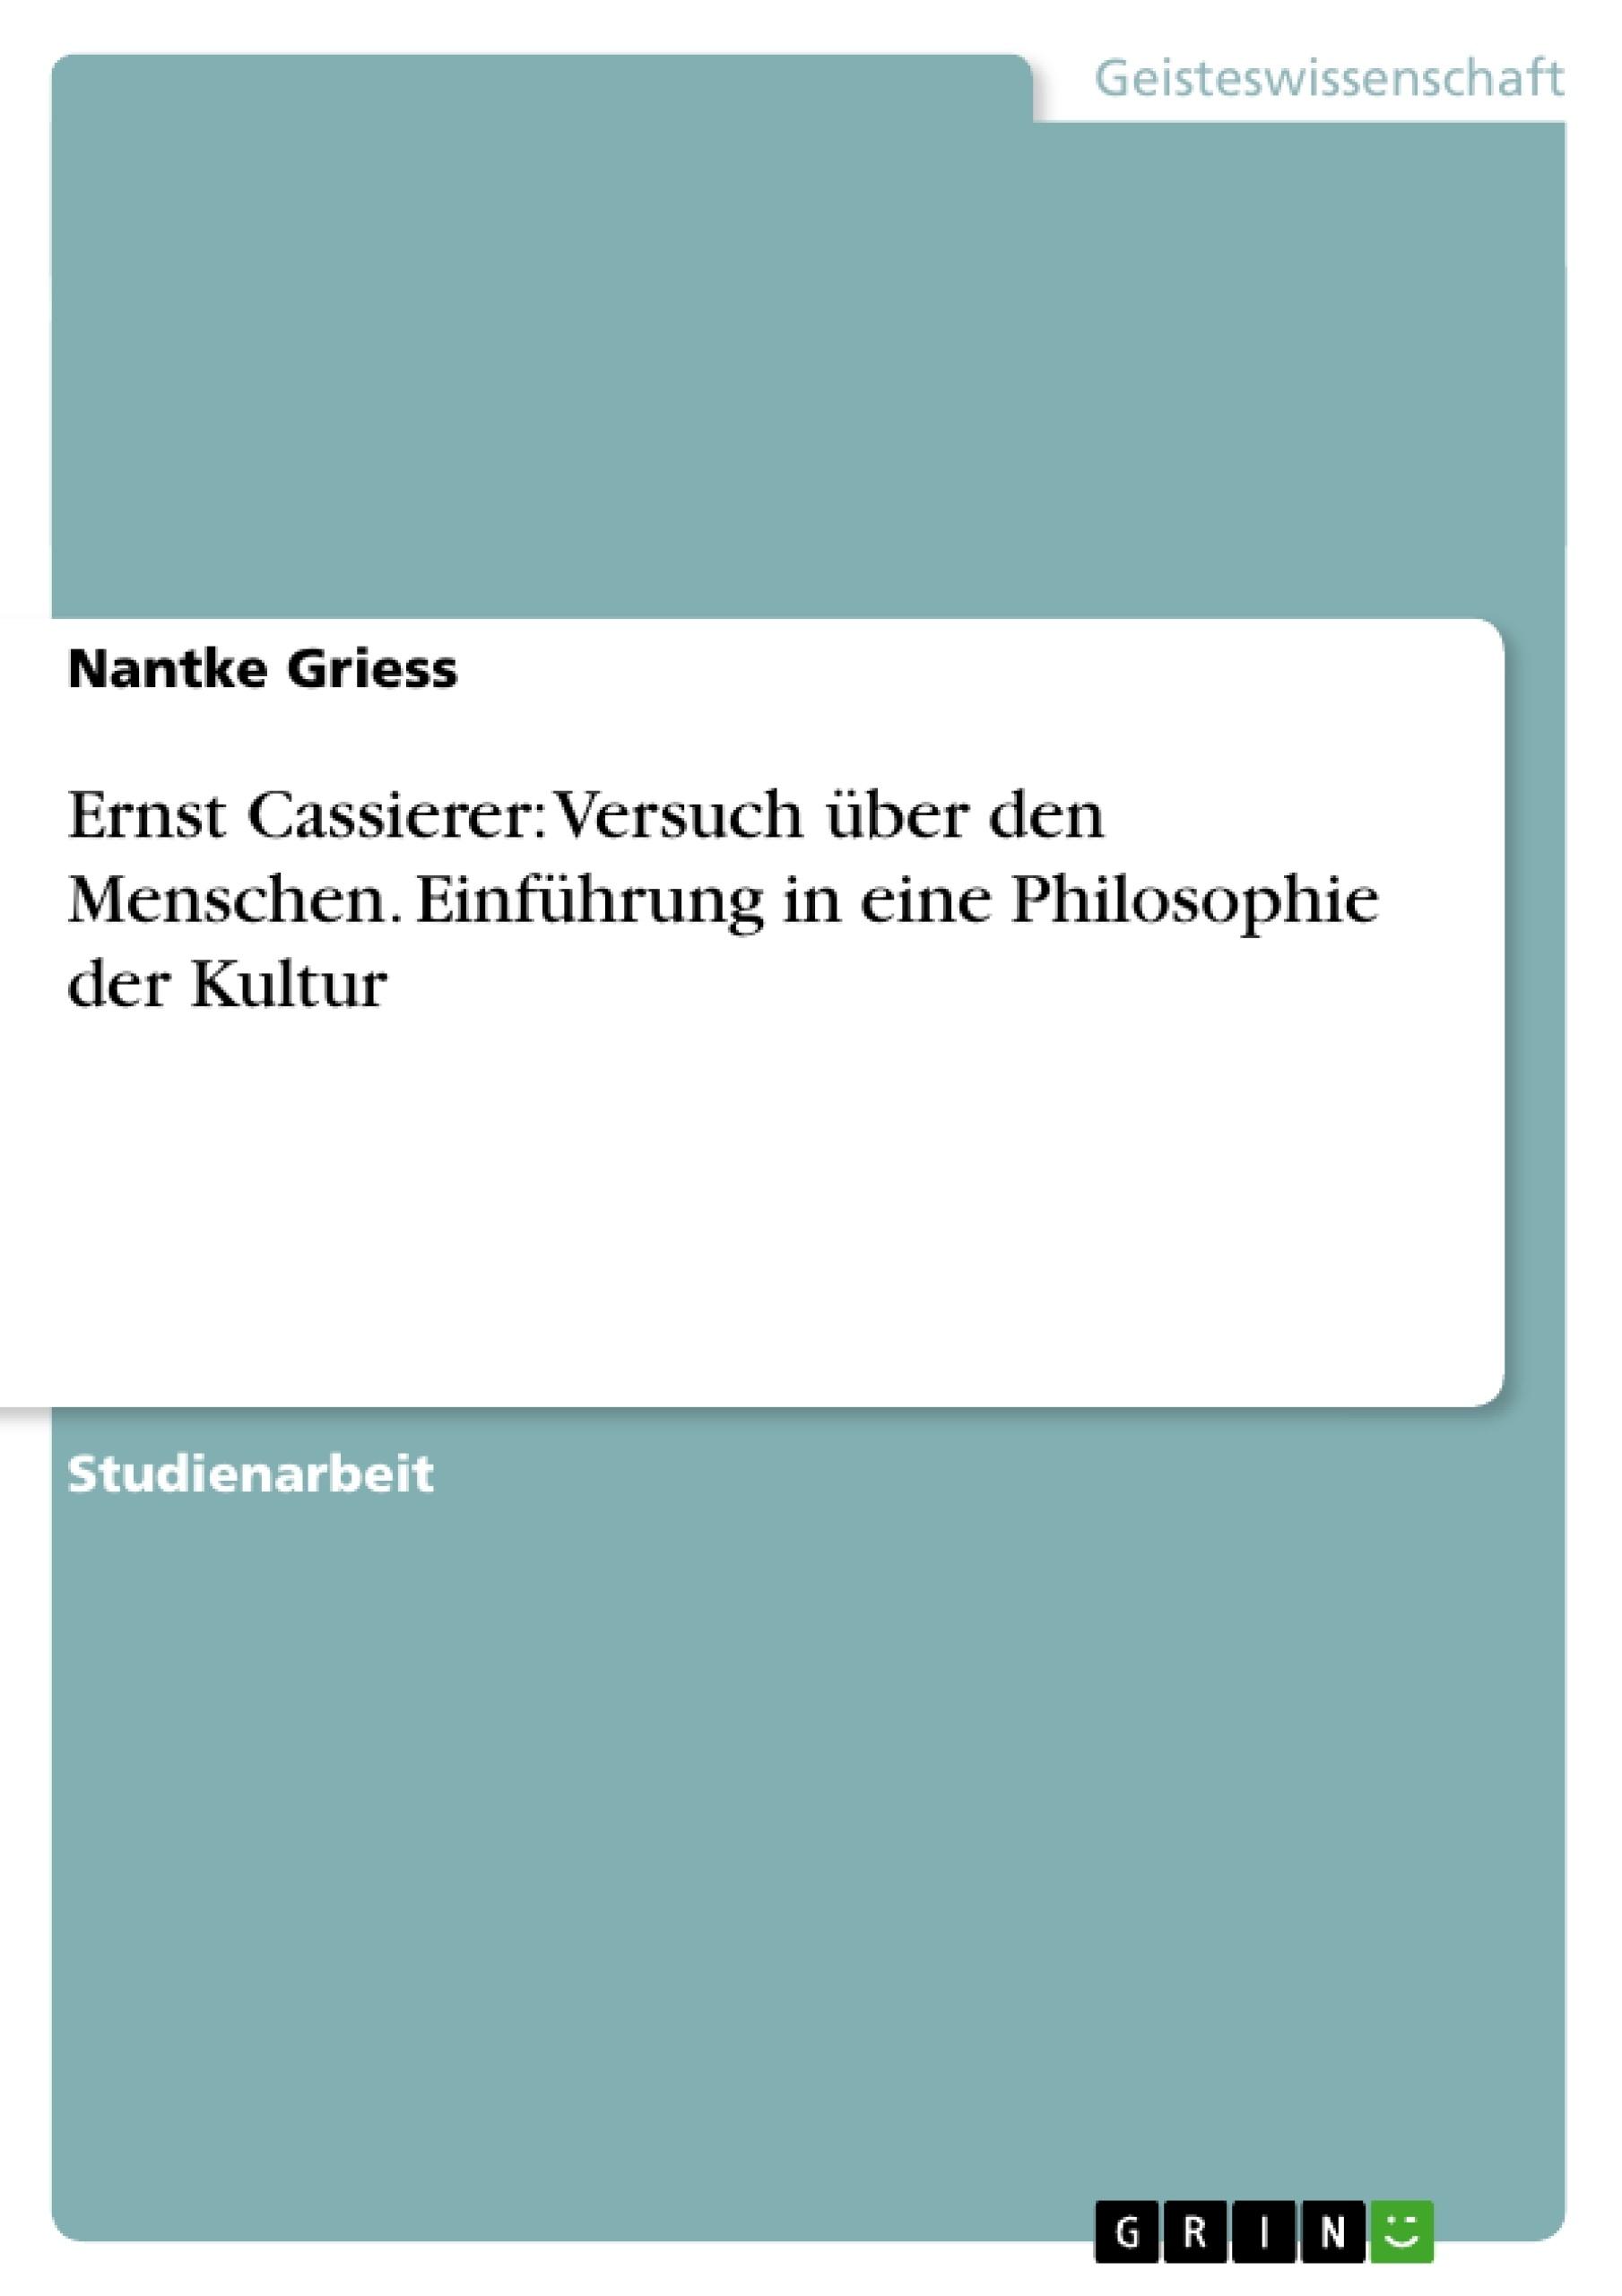 Titel: Ernst Cassierer: Versuch über den Menschen. Einführung in eine Philosophie der Kultur